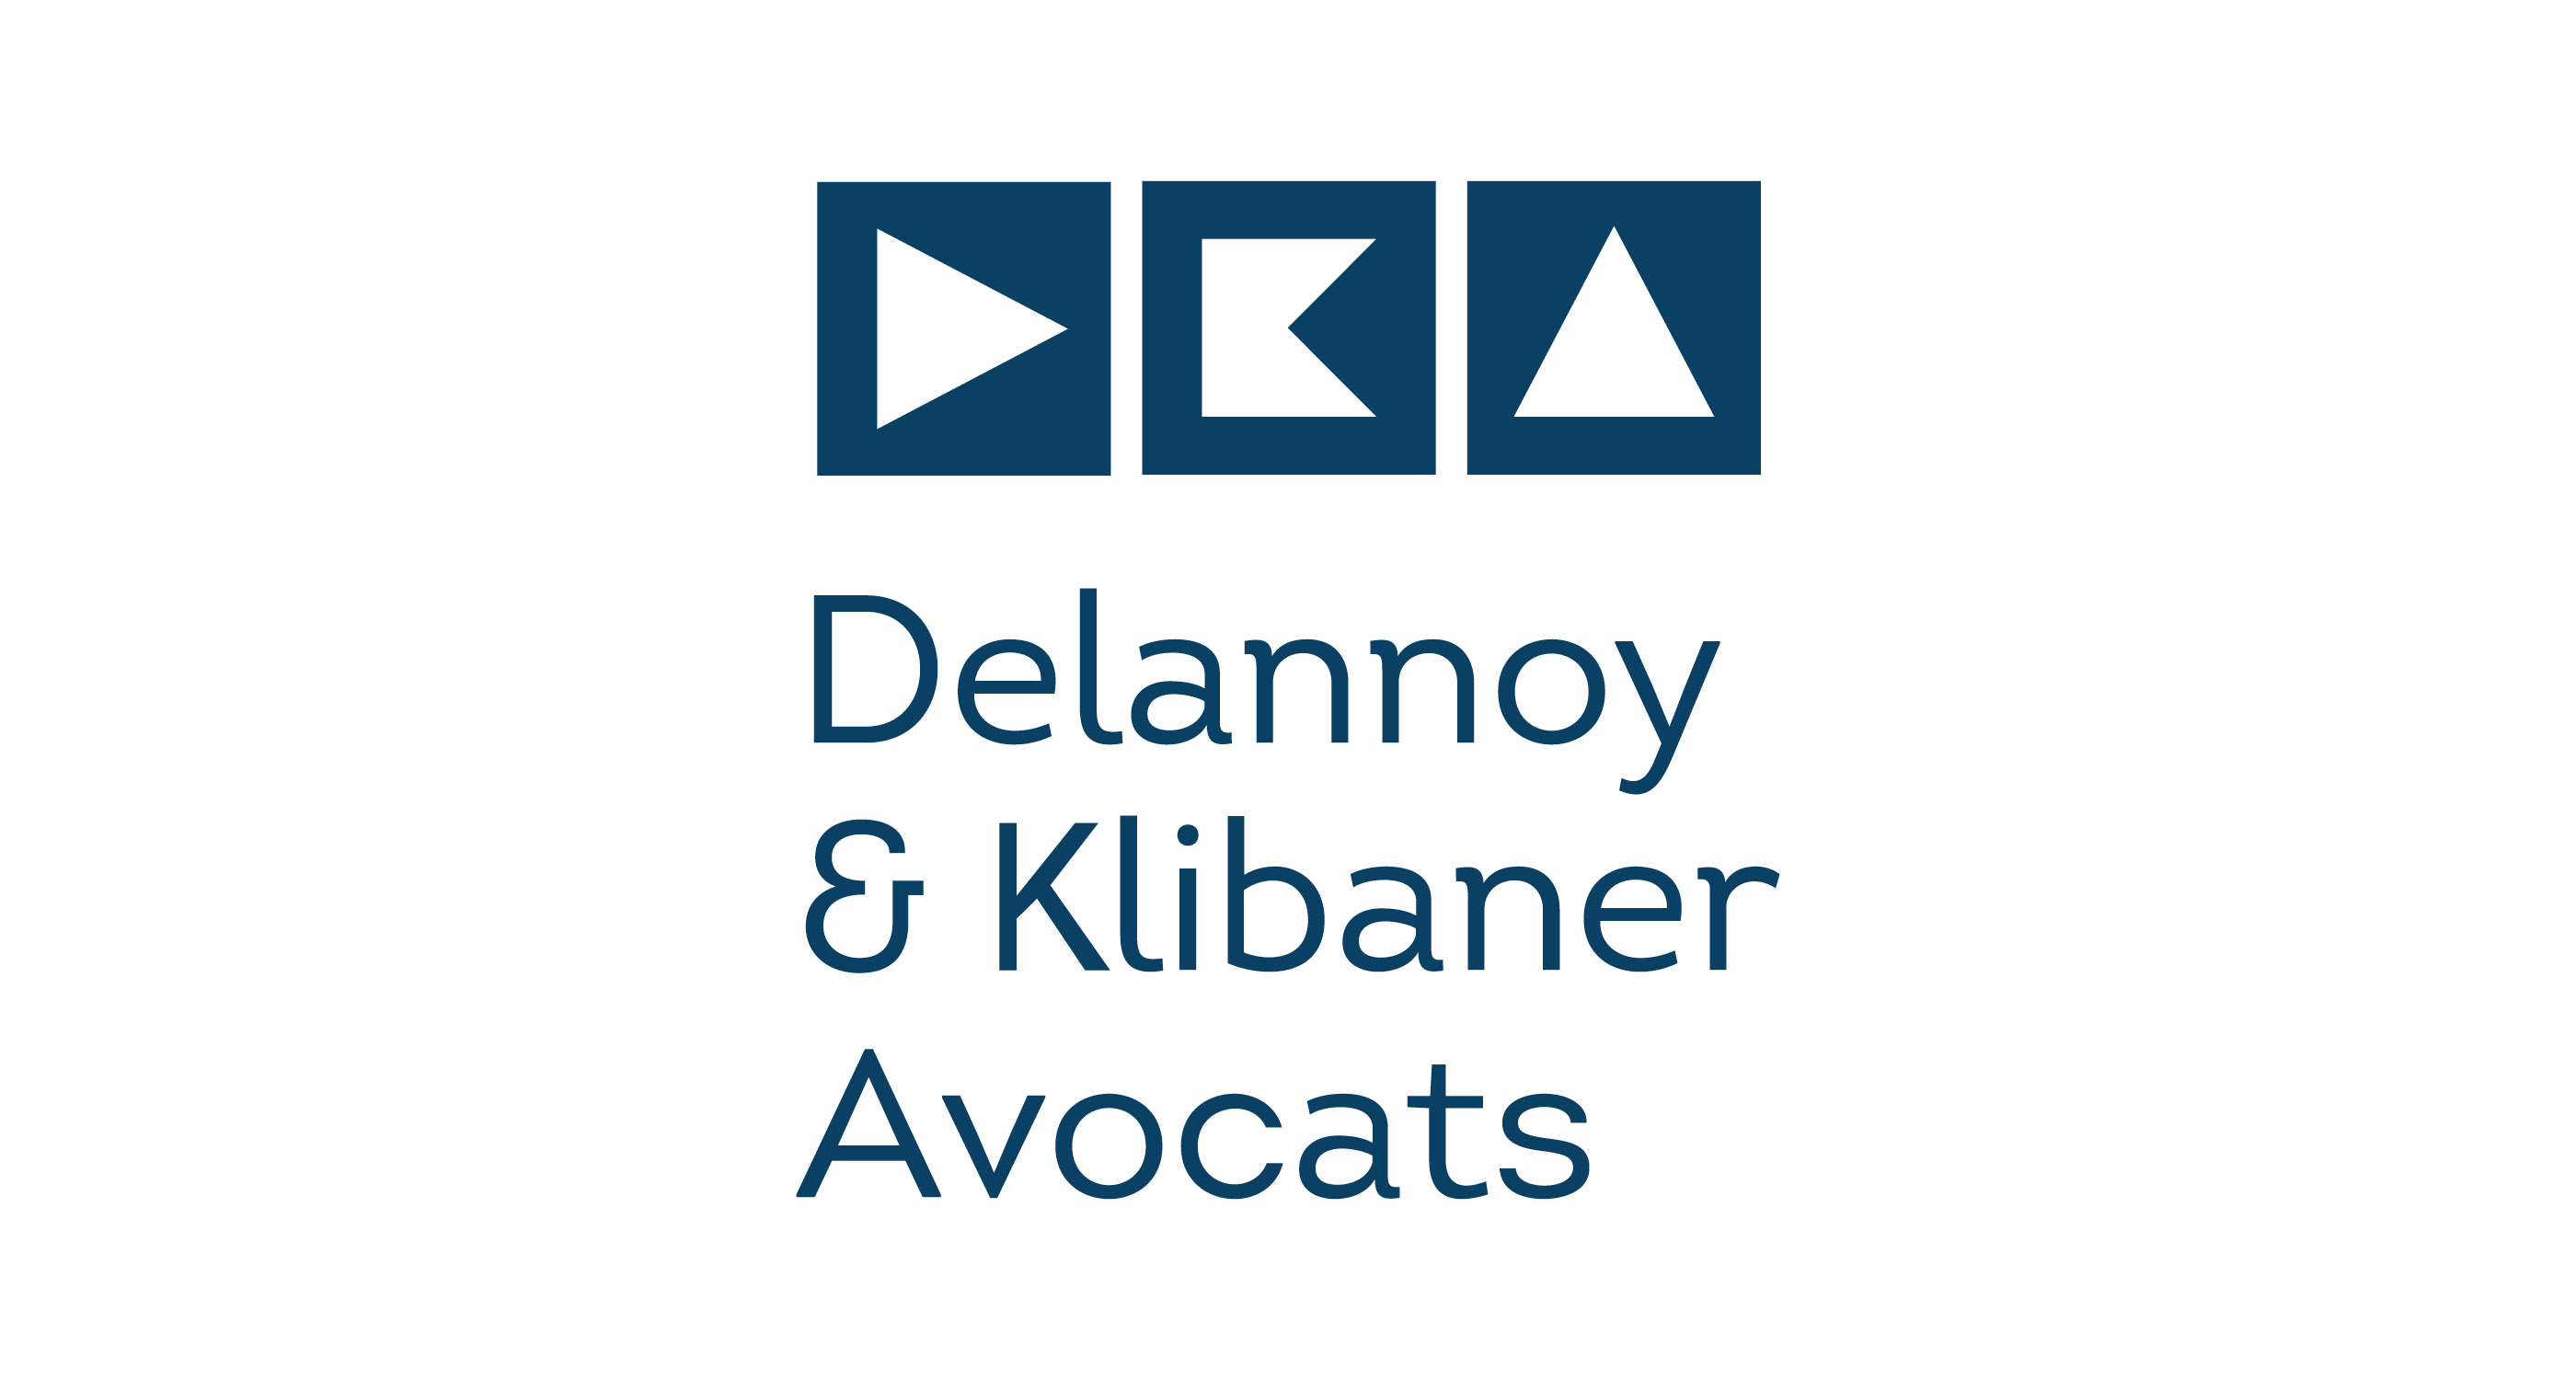 Logo Delannoy & Klibaner Avocats